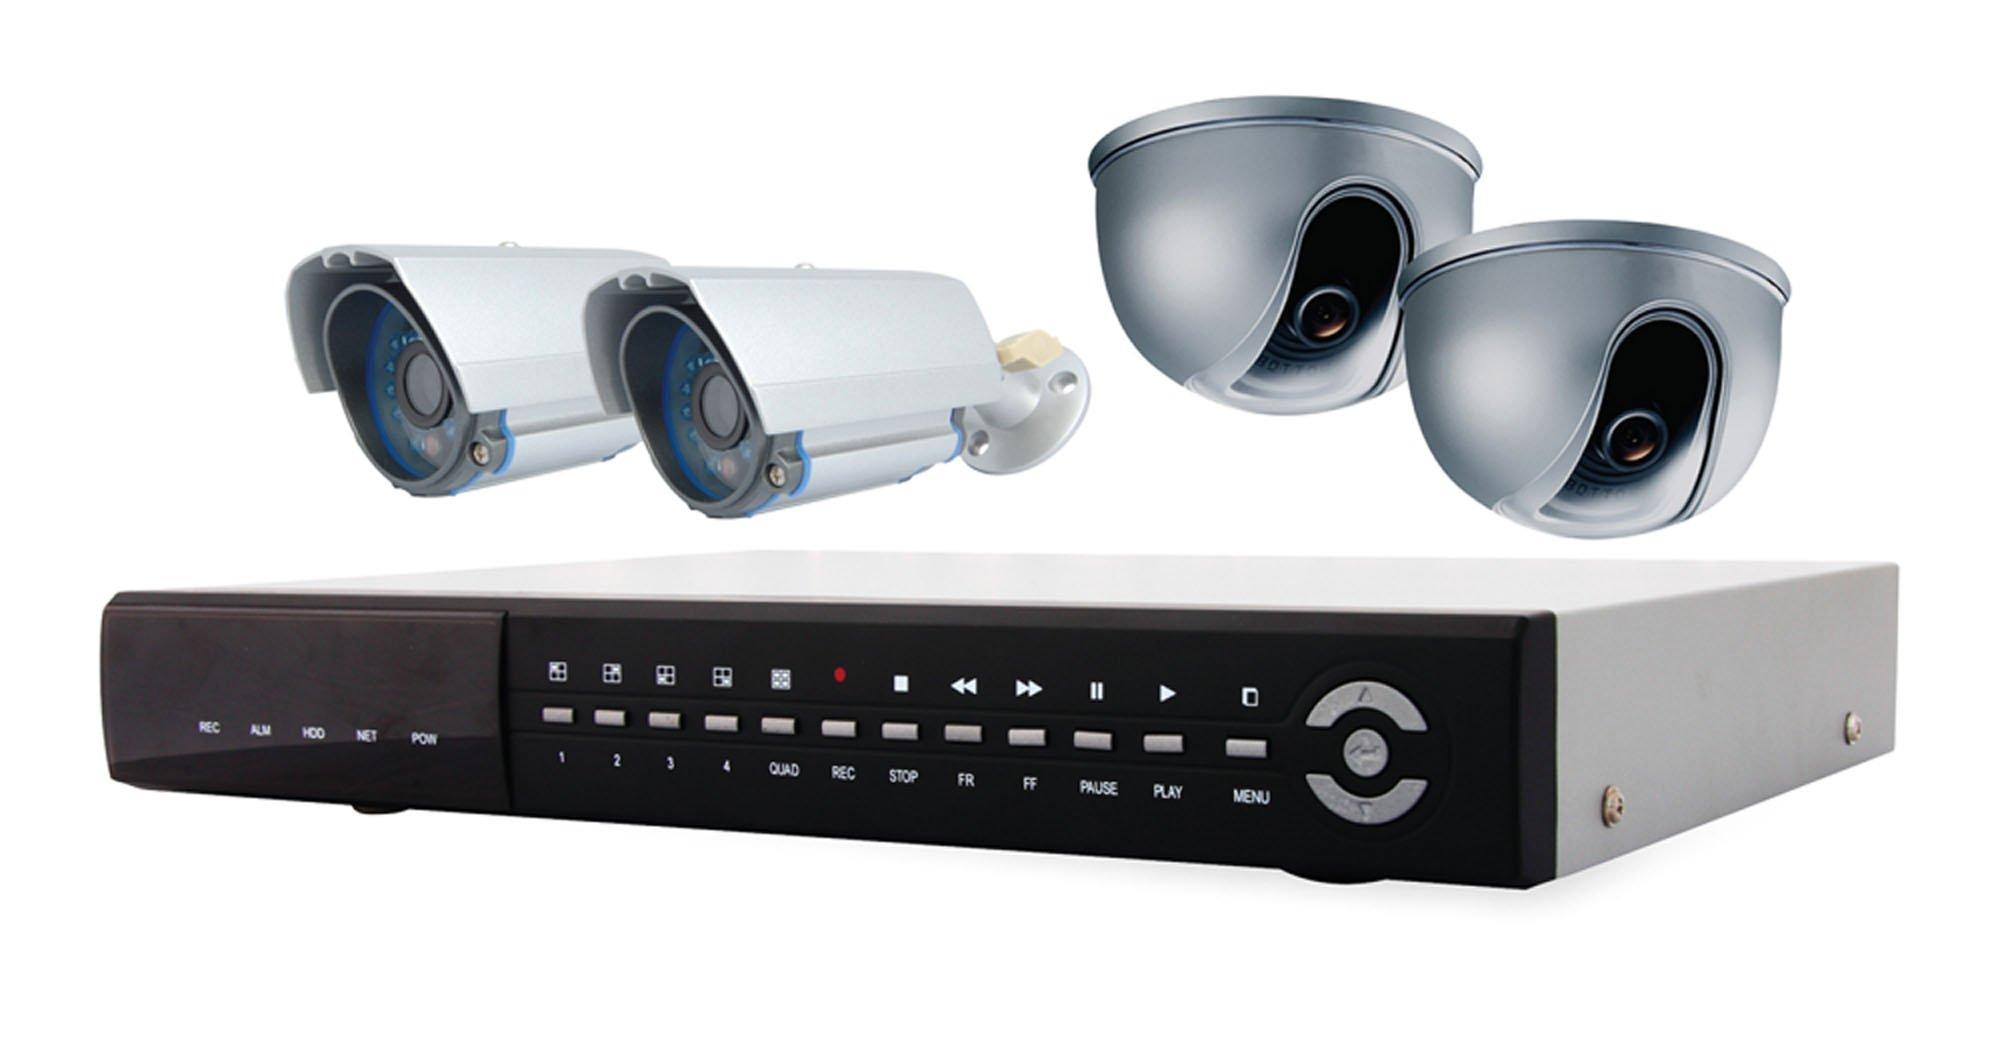 DVR surveilance